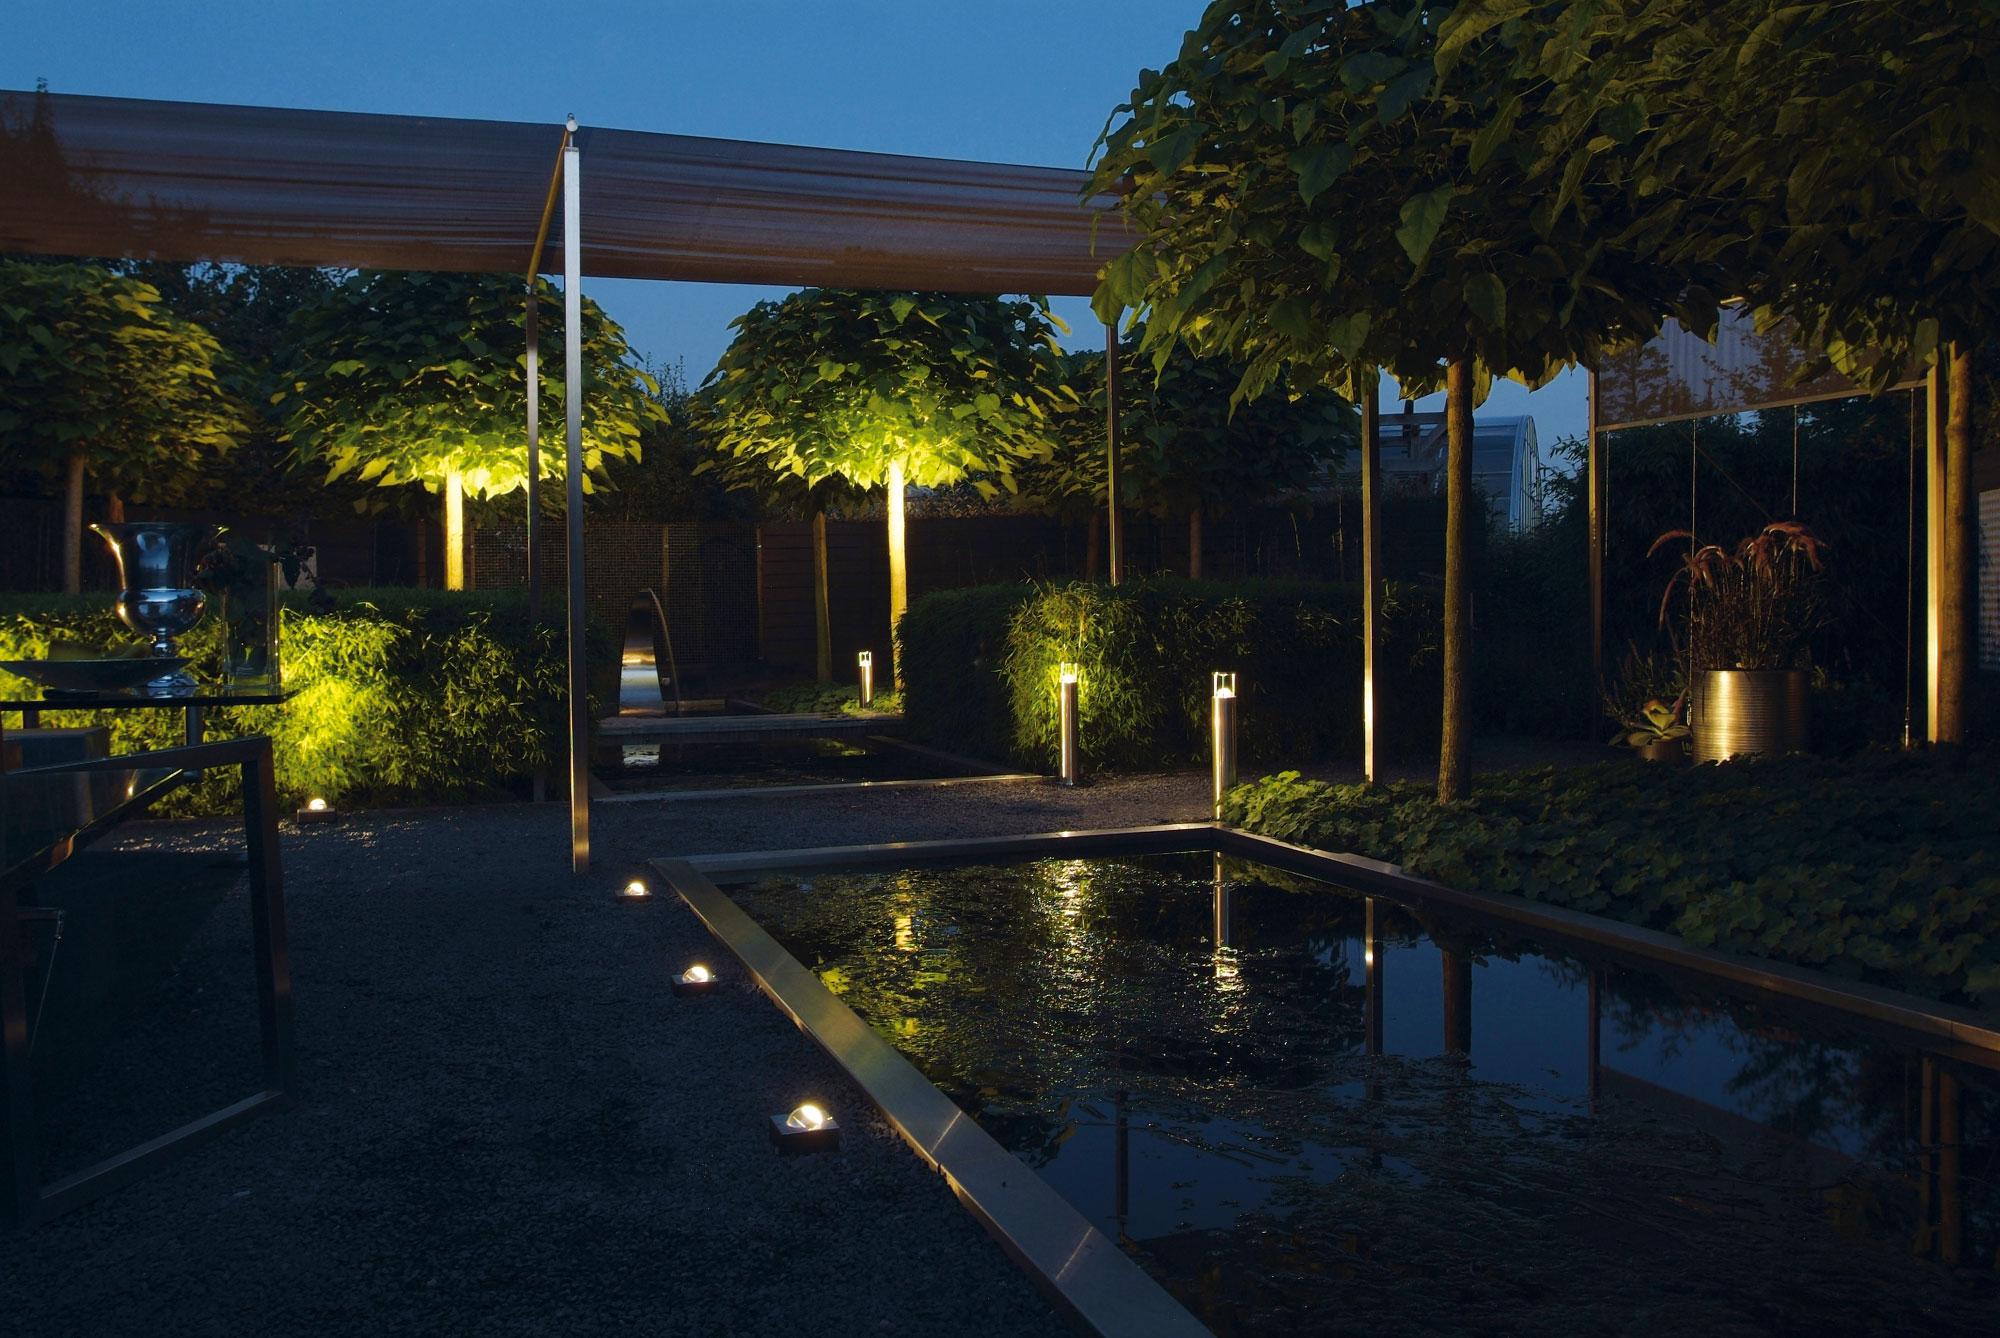 Tuinverlichting livingstone goes livingstoneweg 2 goes - Iluminacion led para jardin ...